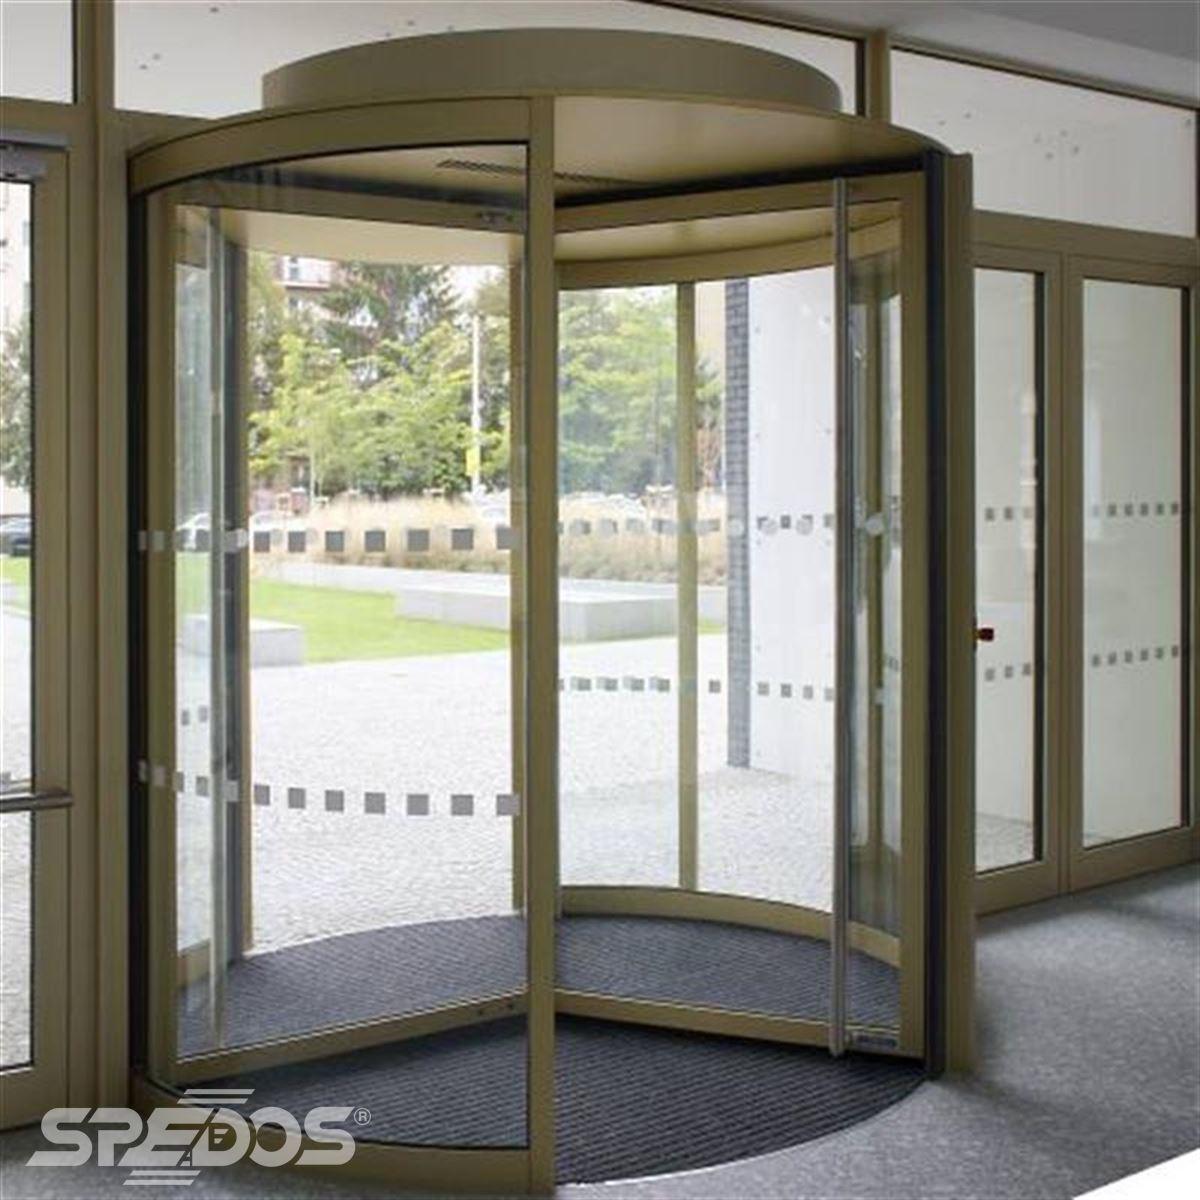 vstupní karuselové dveře Masarykovy univerzity